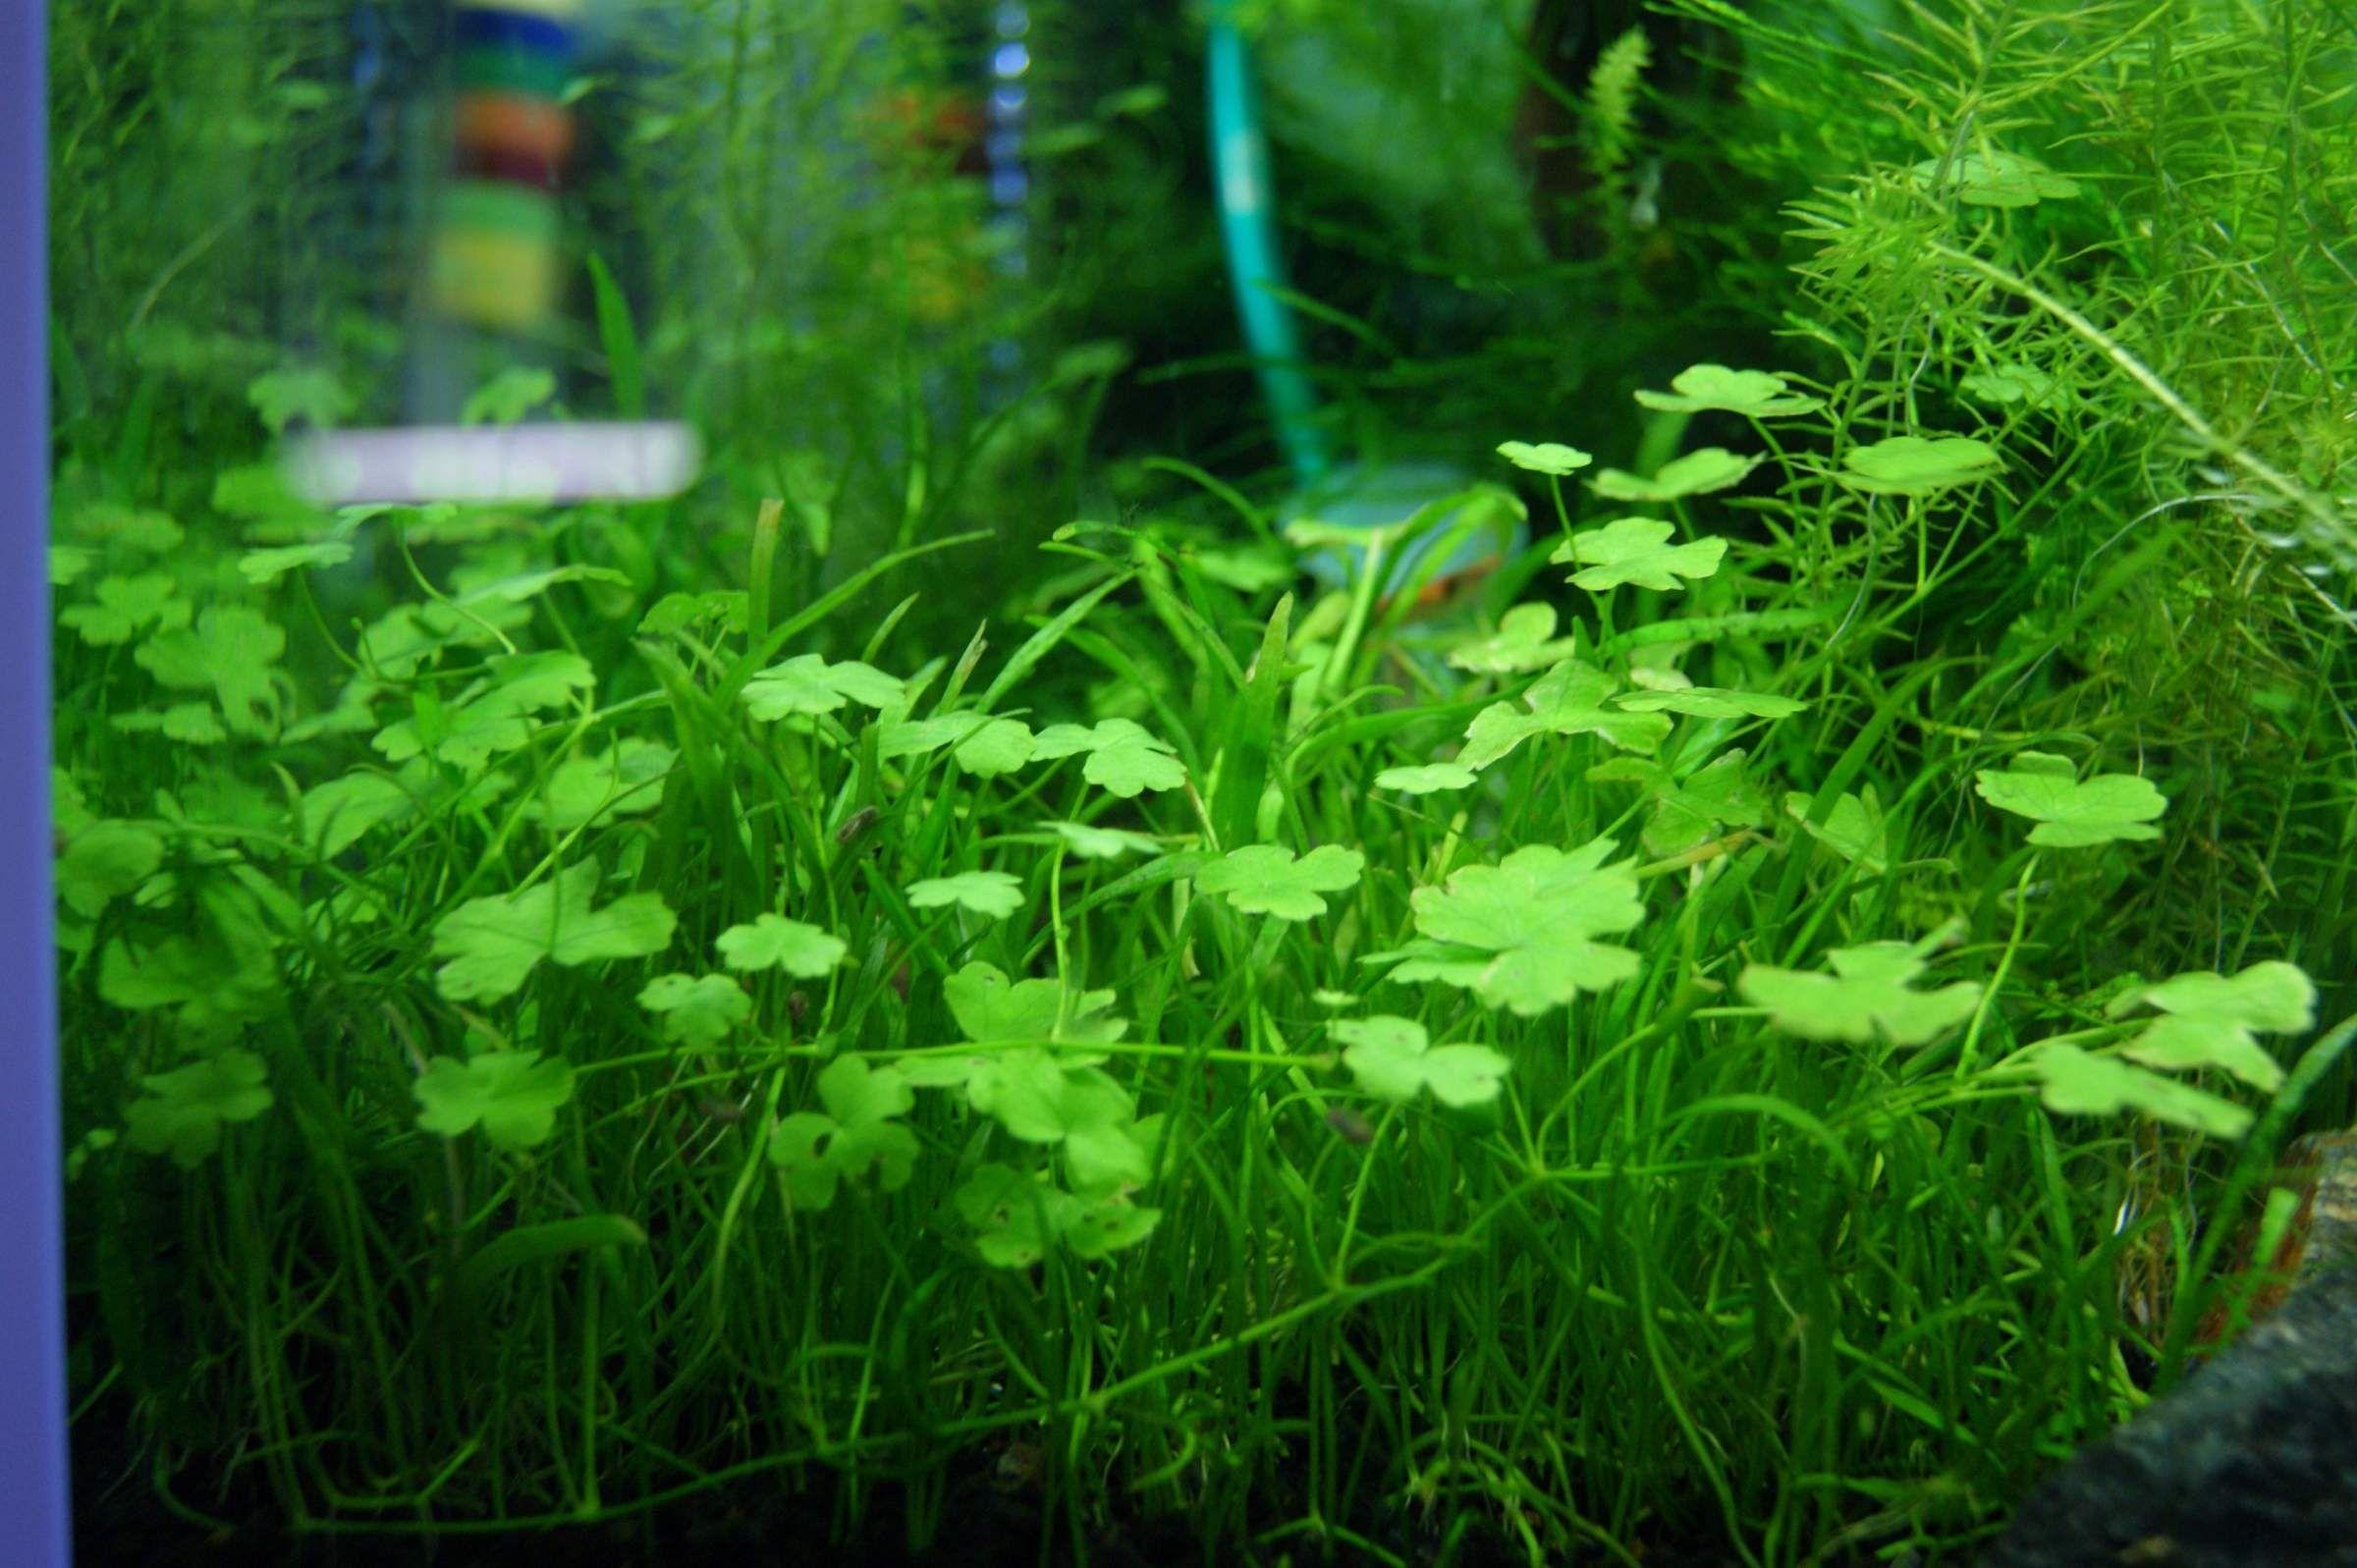 Carpet Aquarium Plants Or Foreground Aquarium Plants Are These Species Of Aquatic Plants Which Cover Th Planted Aquarium Pond Plants Freshwater Aquarium Plants